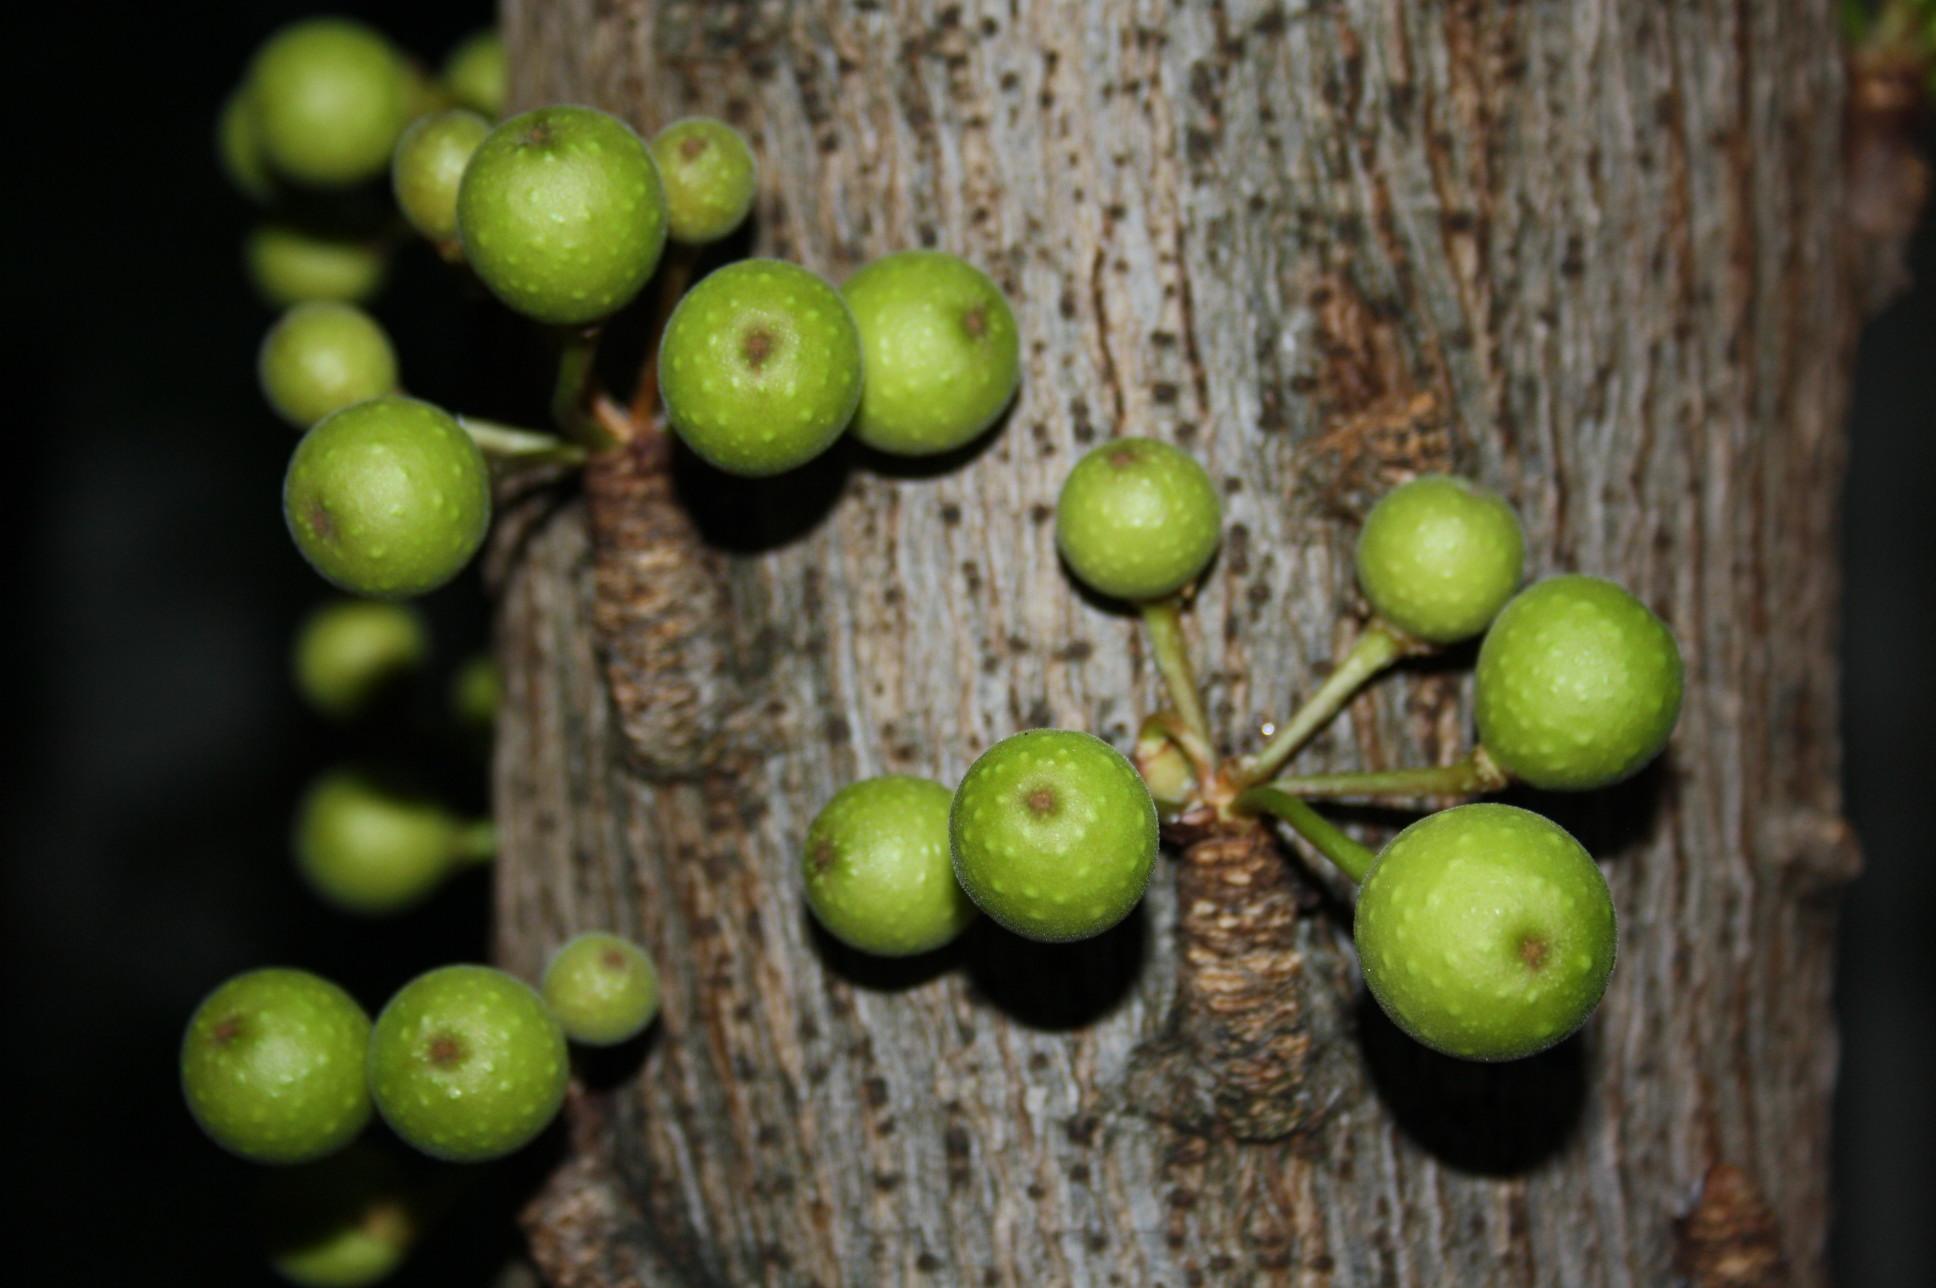 W rgefeigen - Epiphyten zimmerpflanze ...